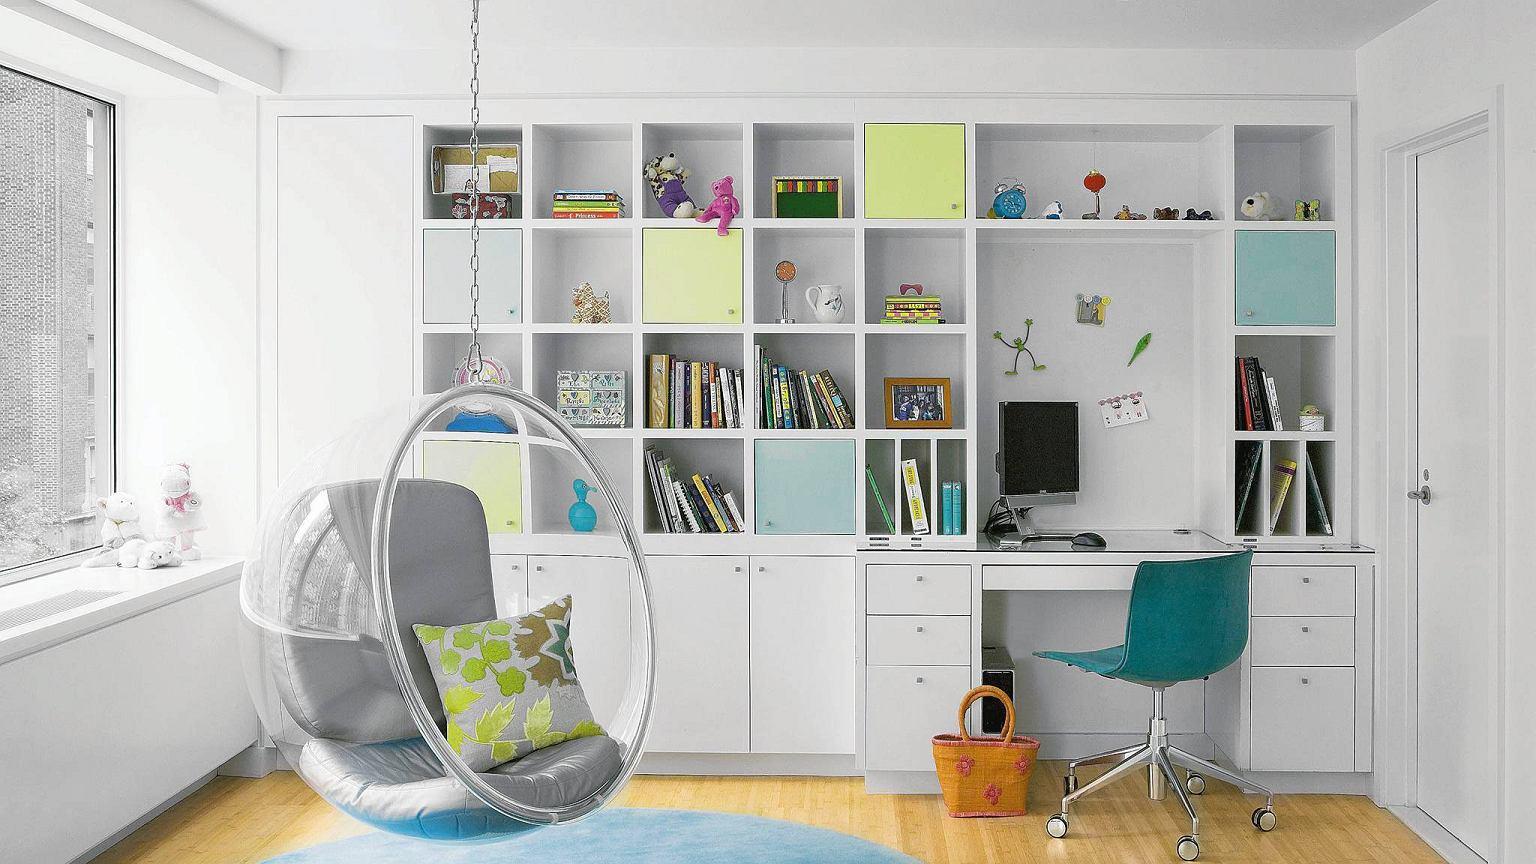 Biurko w pokoju dziennym.